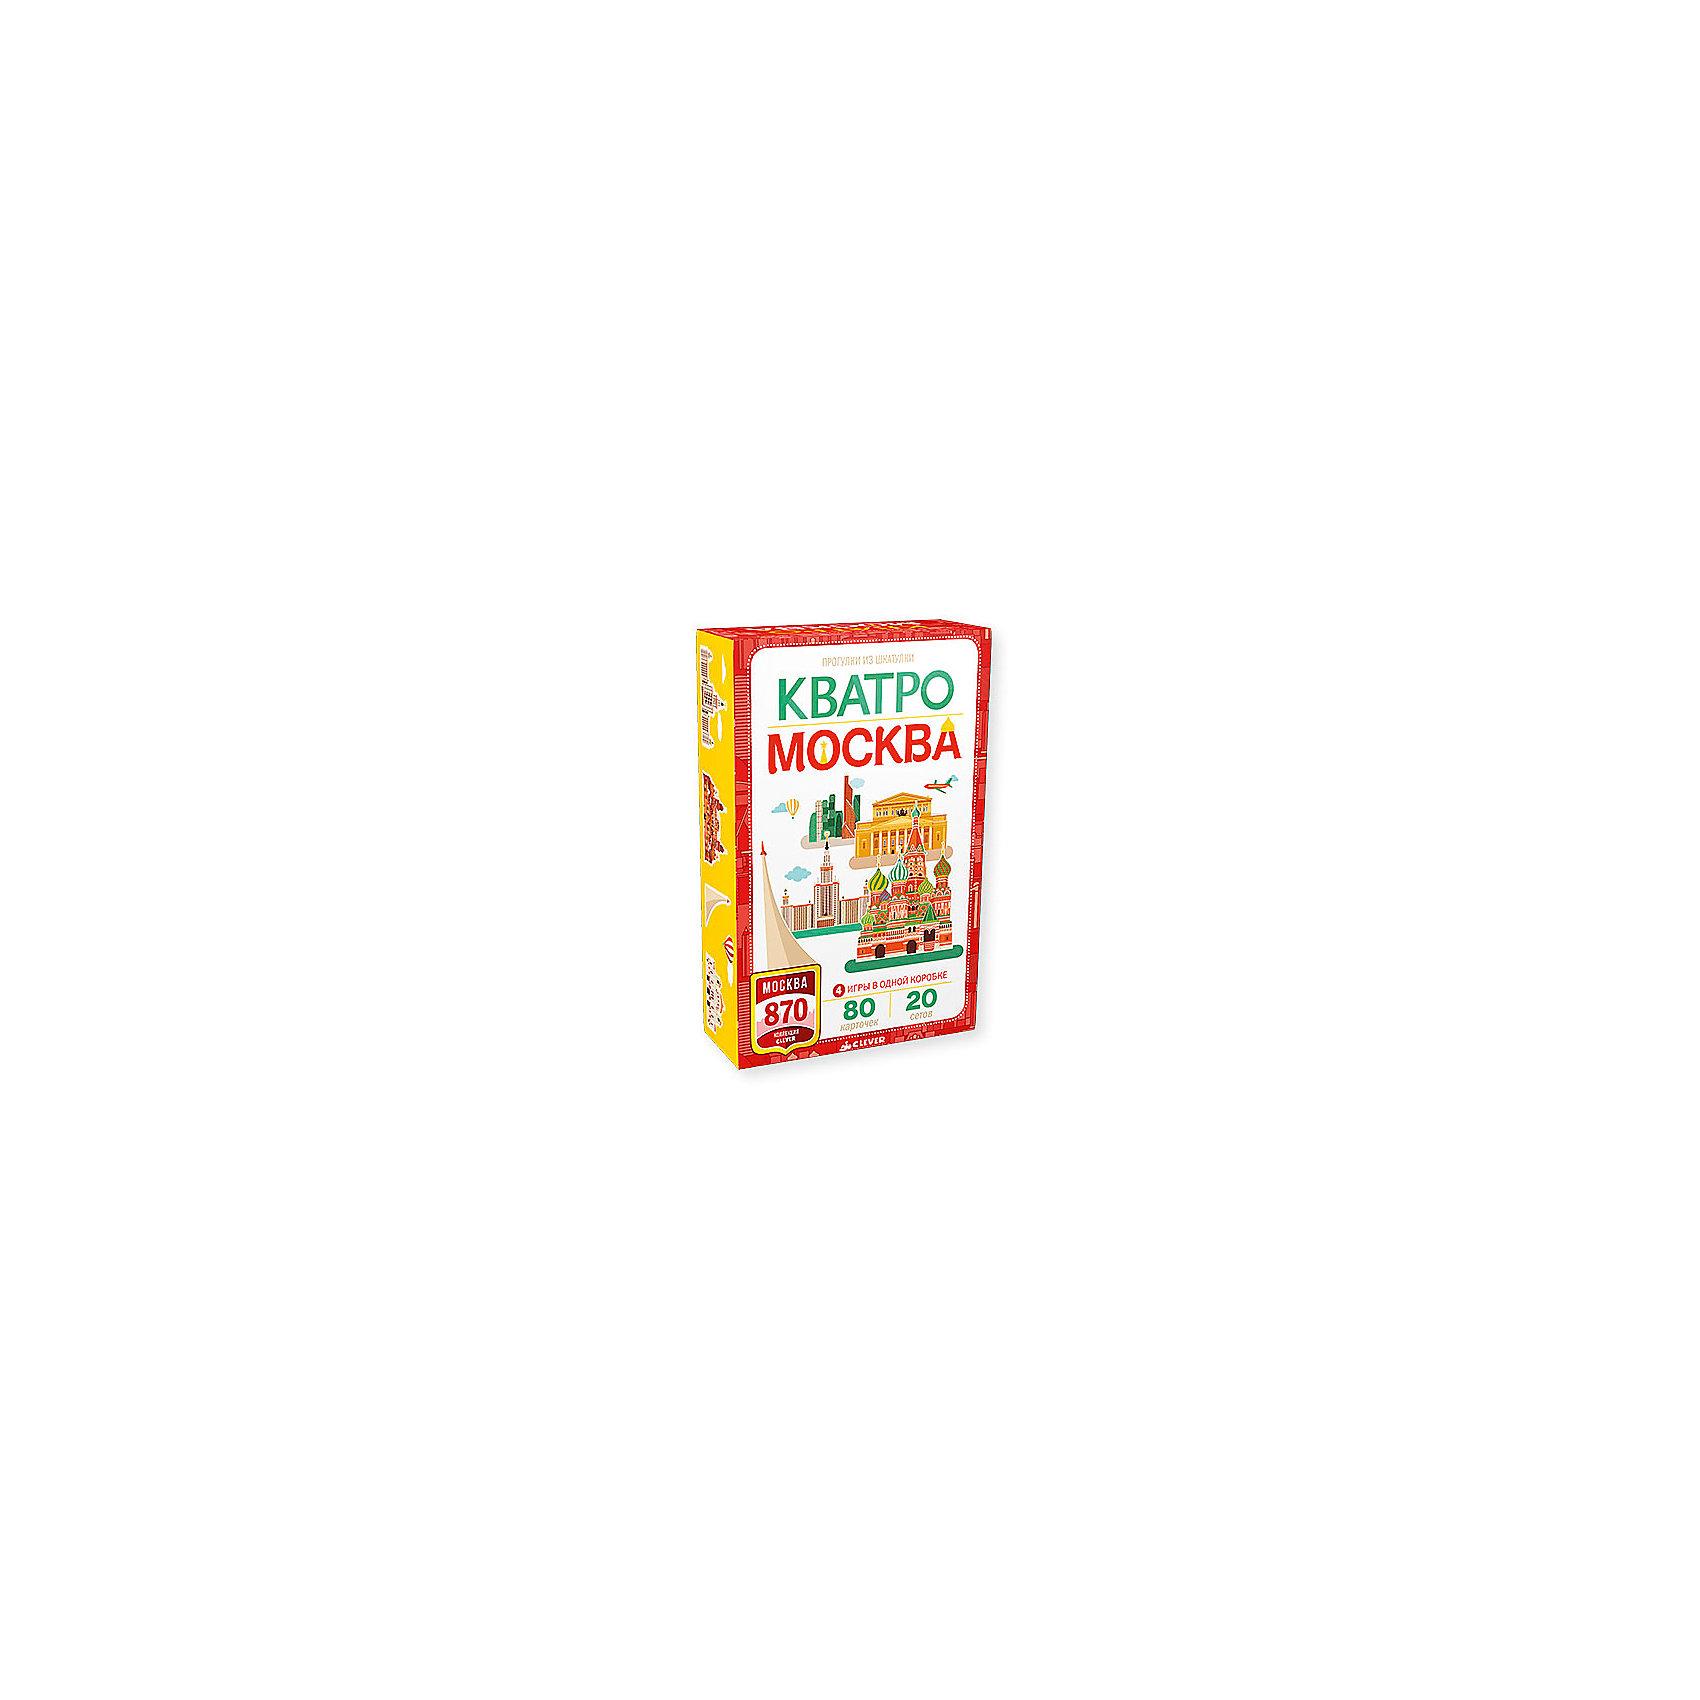 Кватро: Москва, Рюмина С.Атласы и карты<br>Характеристики:<br><br>• возраст: от 6 лет<br>• в наборе: 80 карточек, карта Москвы, буклет с вопросом к каждой карточке<br>• издательство: Клевер Медиа Групп, 2017 г.<br>• серия: Москва 870<br>• иллюстрации цветные<br>• количество игроков: от 2 до 8 человек<br>• упаковка: картонная коробка<br>• размер: 18х11,5х6,7 см.<br>• вес: 670 гр.<br>• ISBN: 9785906951090<br><br>Познакомься с самыми интересными достопримечательностями Москвы, прочитай много познавательного про исторические районы столицы, узнай историю ее улиц, изучай карту Москвы.<br><br>В коробке целых 4 игры, которые помогут лучше узнать Москву: сборка сетов из карточек 2 варианта, викторина, игра на знание содержания сетов.<br><br>Игра развивает память, эрудицию, усидчивость, внимательность, любознательность, патриотизм.<br> <br>Игру «Кватро: Москва», Рюмина С. можно купить в нашем интернет-магазине.<br><br>Ширина мм: 180<br>Глубина мм: 116<br>Высота мм: 300<br>Вес г: 242<br>Возраст от месяцев: 84<br>Возраст до месяцев: 2147483647<br>Пол: Унисекс<br>Возраст: Детский<br>SKU: 6871400